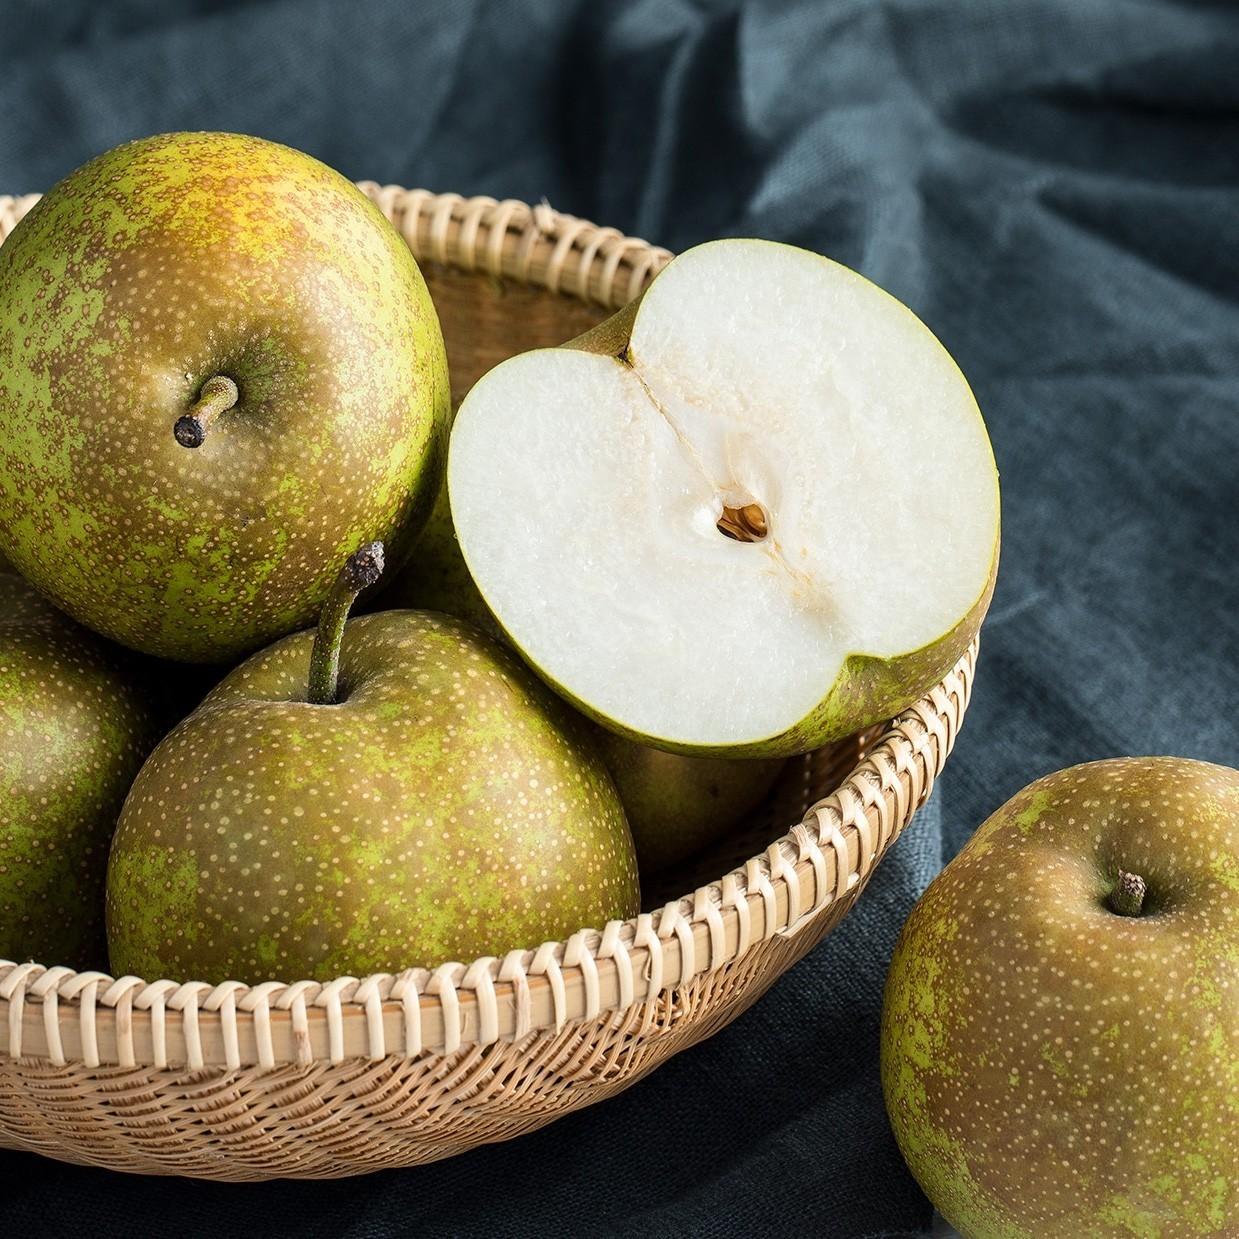 一年只有28天能吃到的焦溪蜜梨,好甜啊!